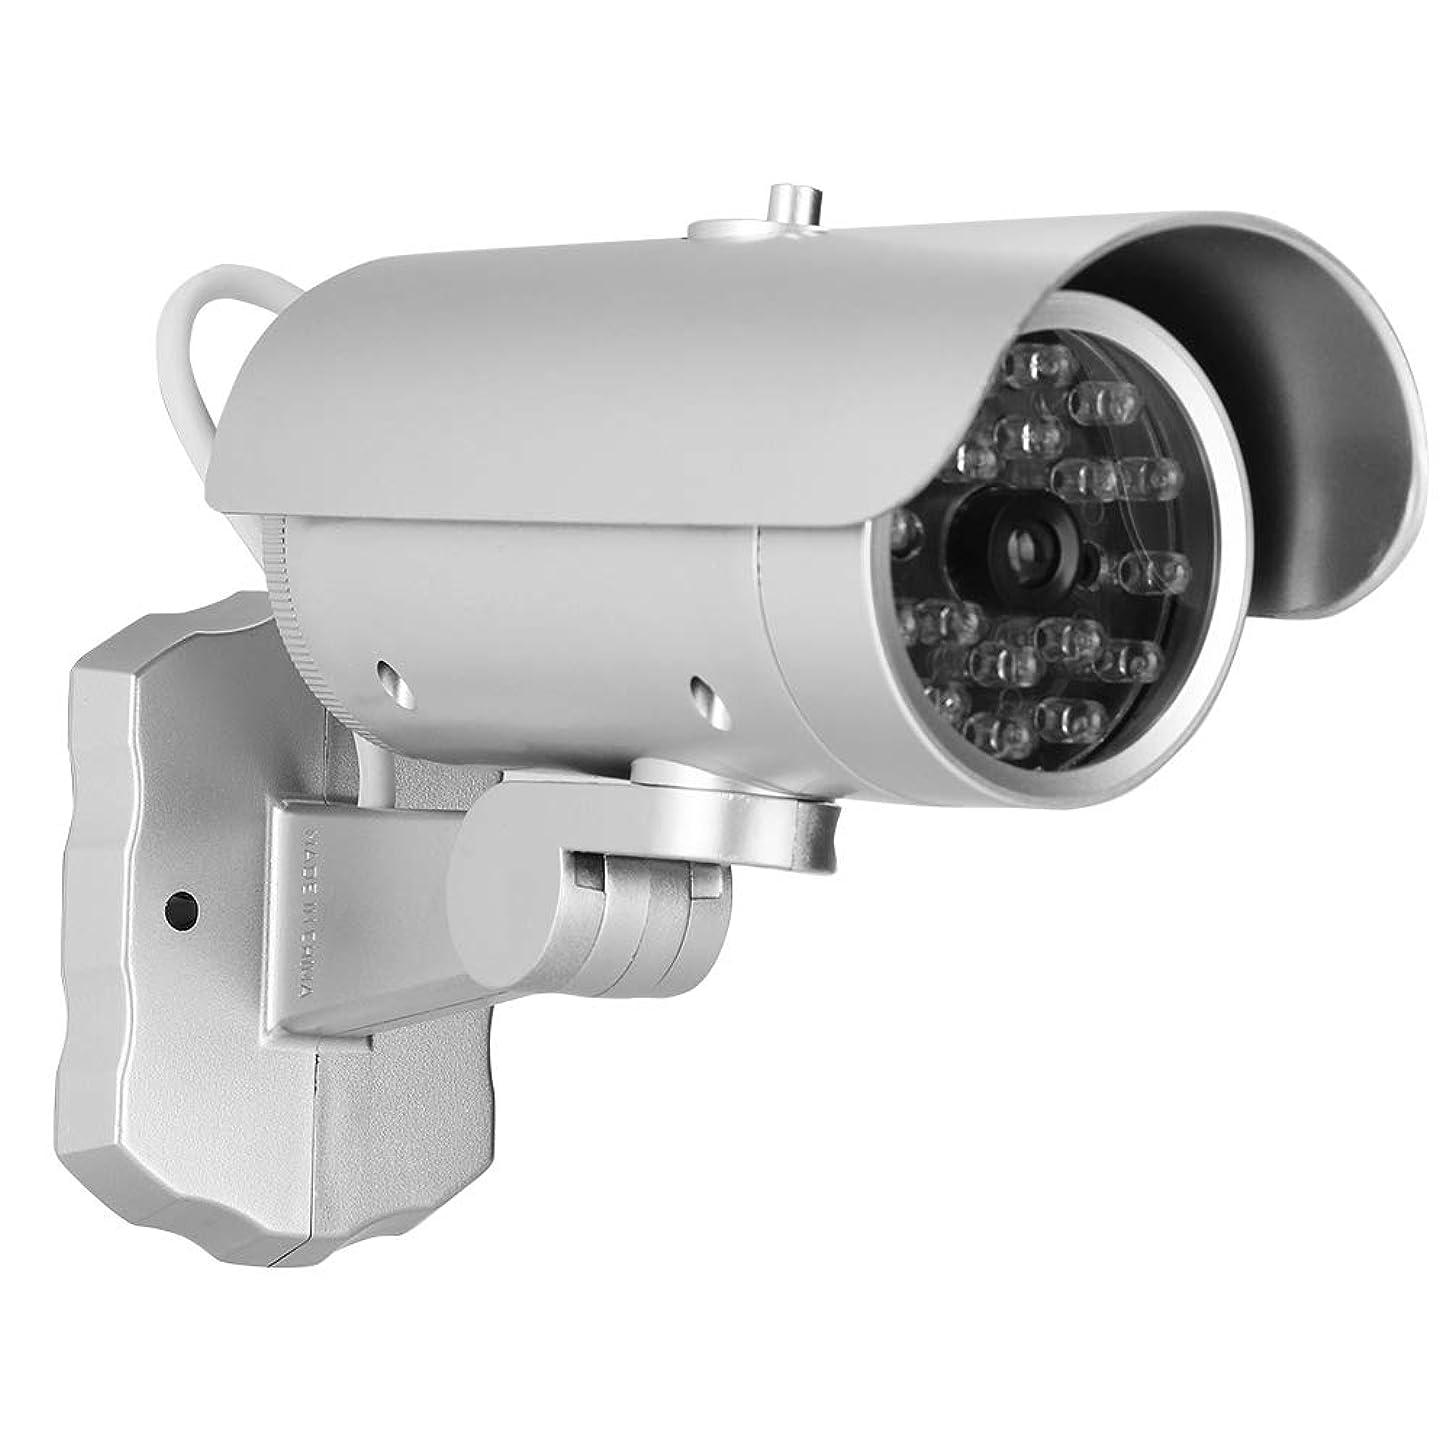 作家バルブテンションダミーカメラ 偽弾丸カメラ MR-1900 ダミーカメラ 監視セキュリティカメラ付き LEDライト点滅 屋外/屋内